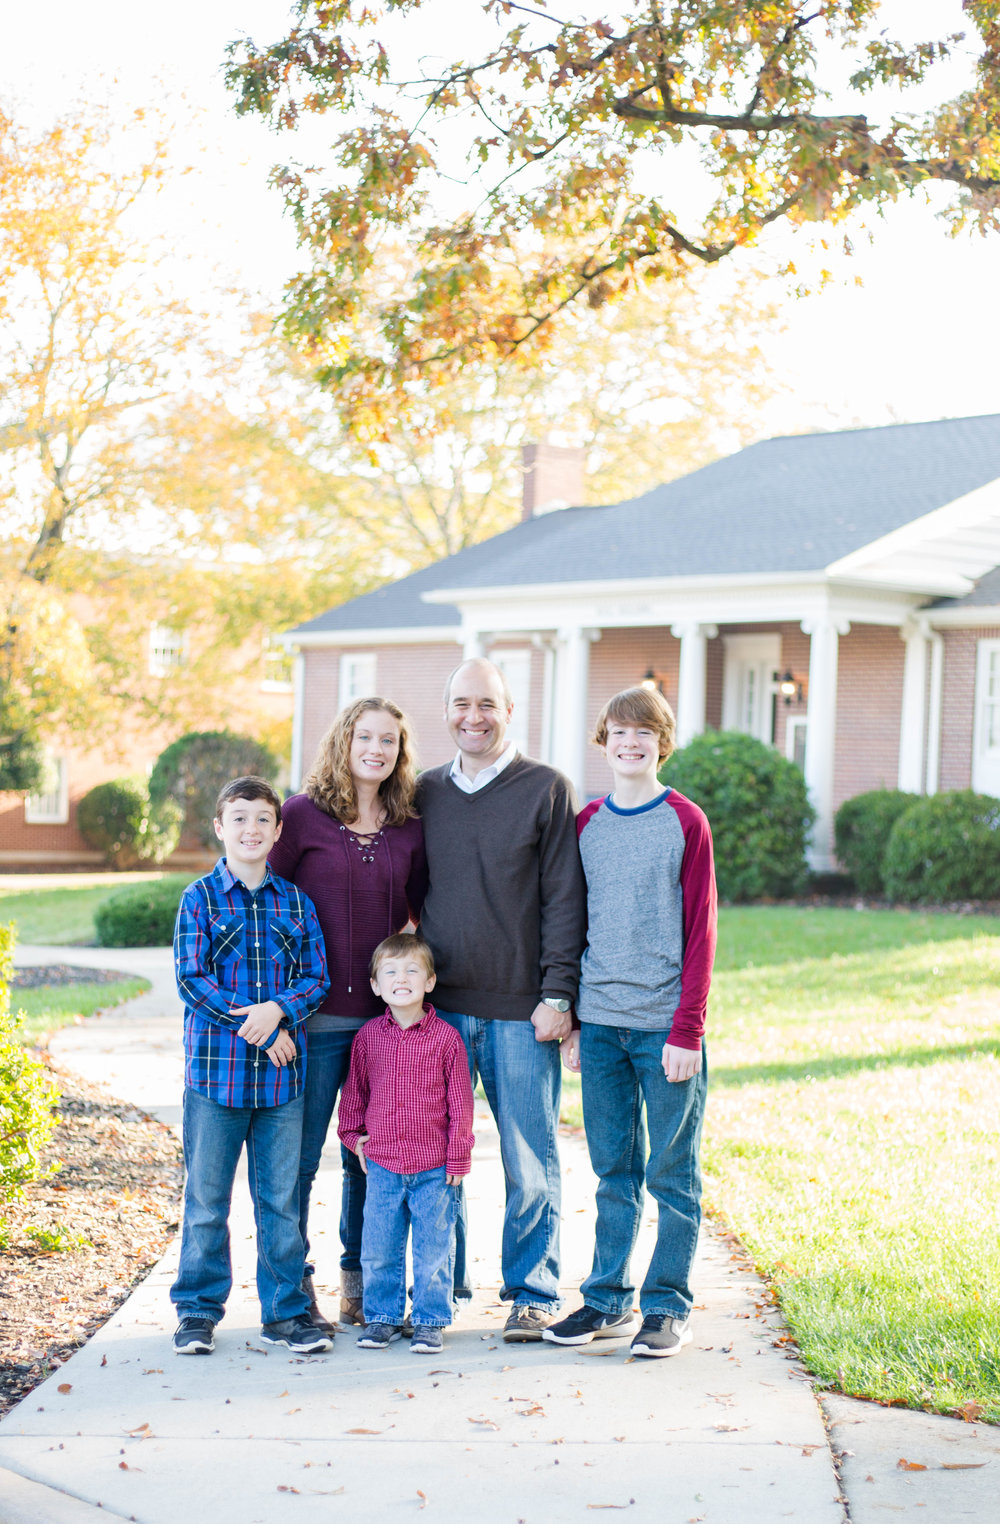 andersonscfamilypictures-1.jpg